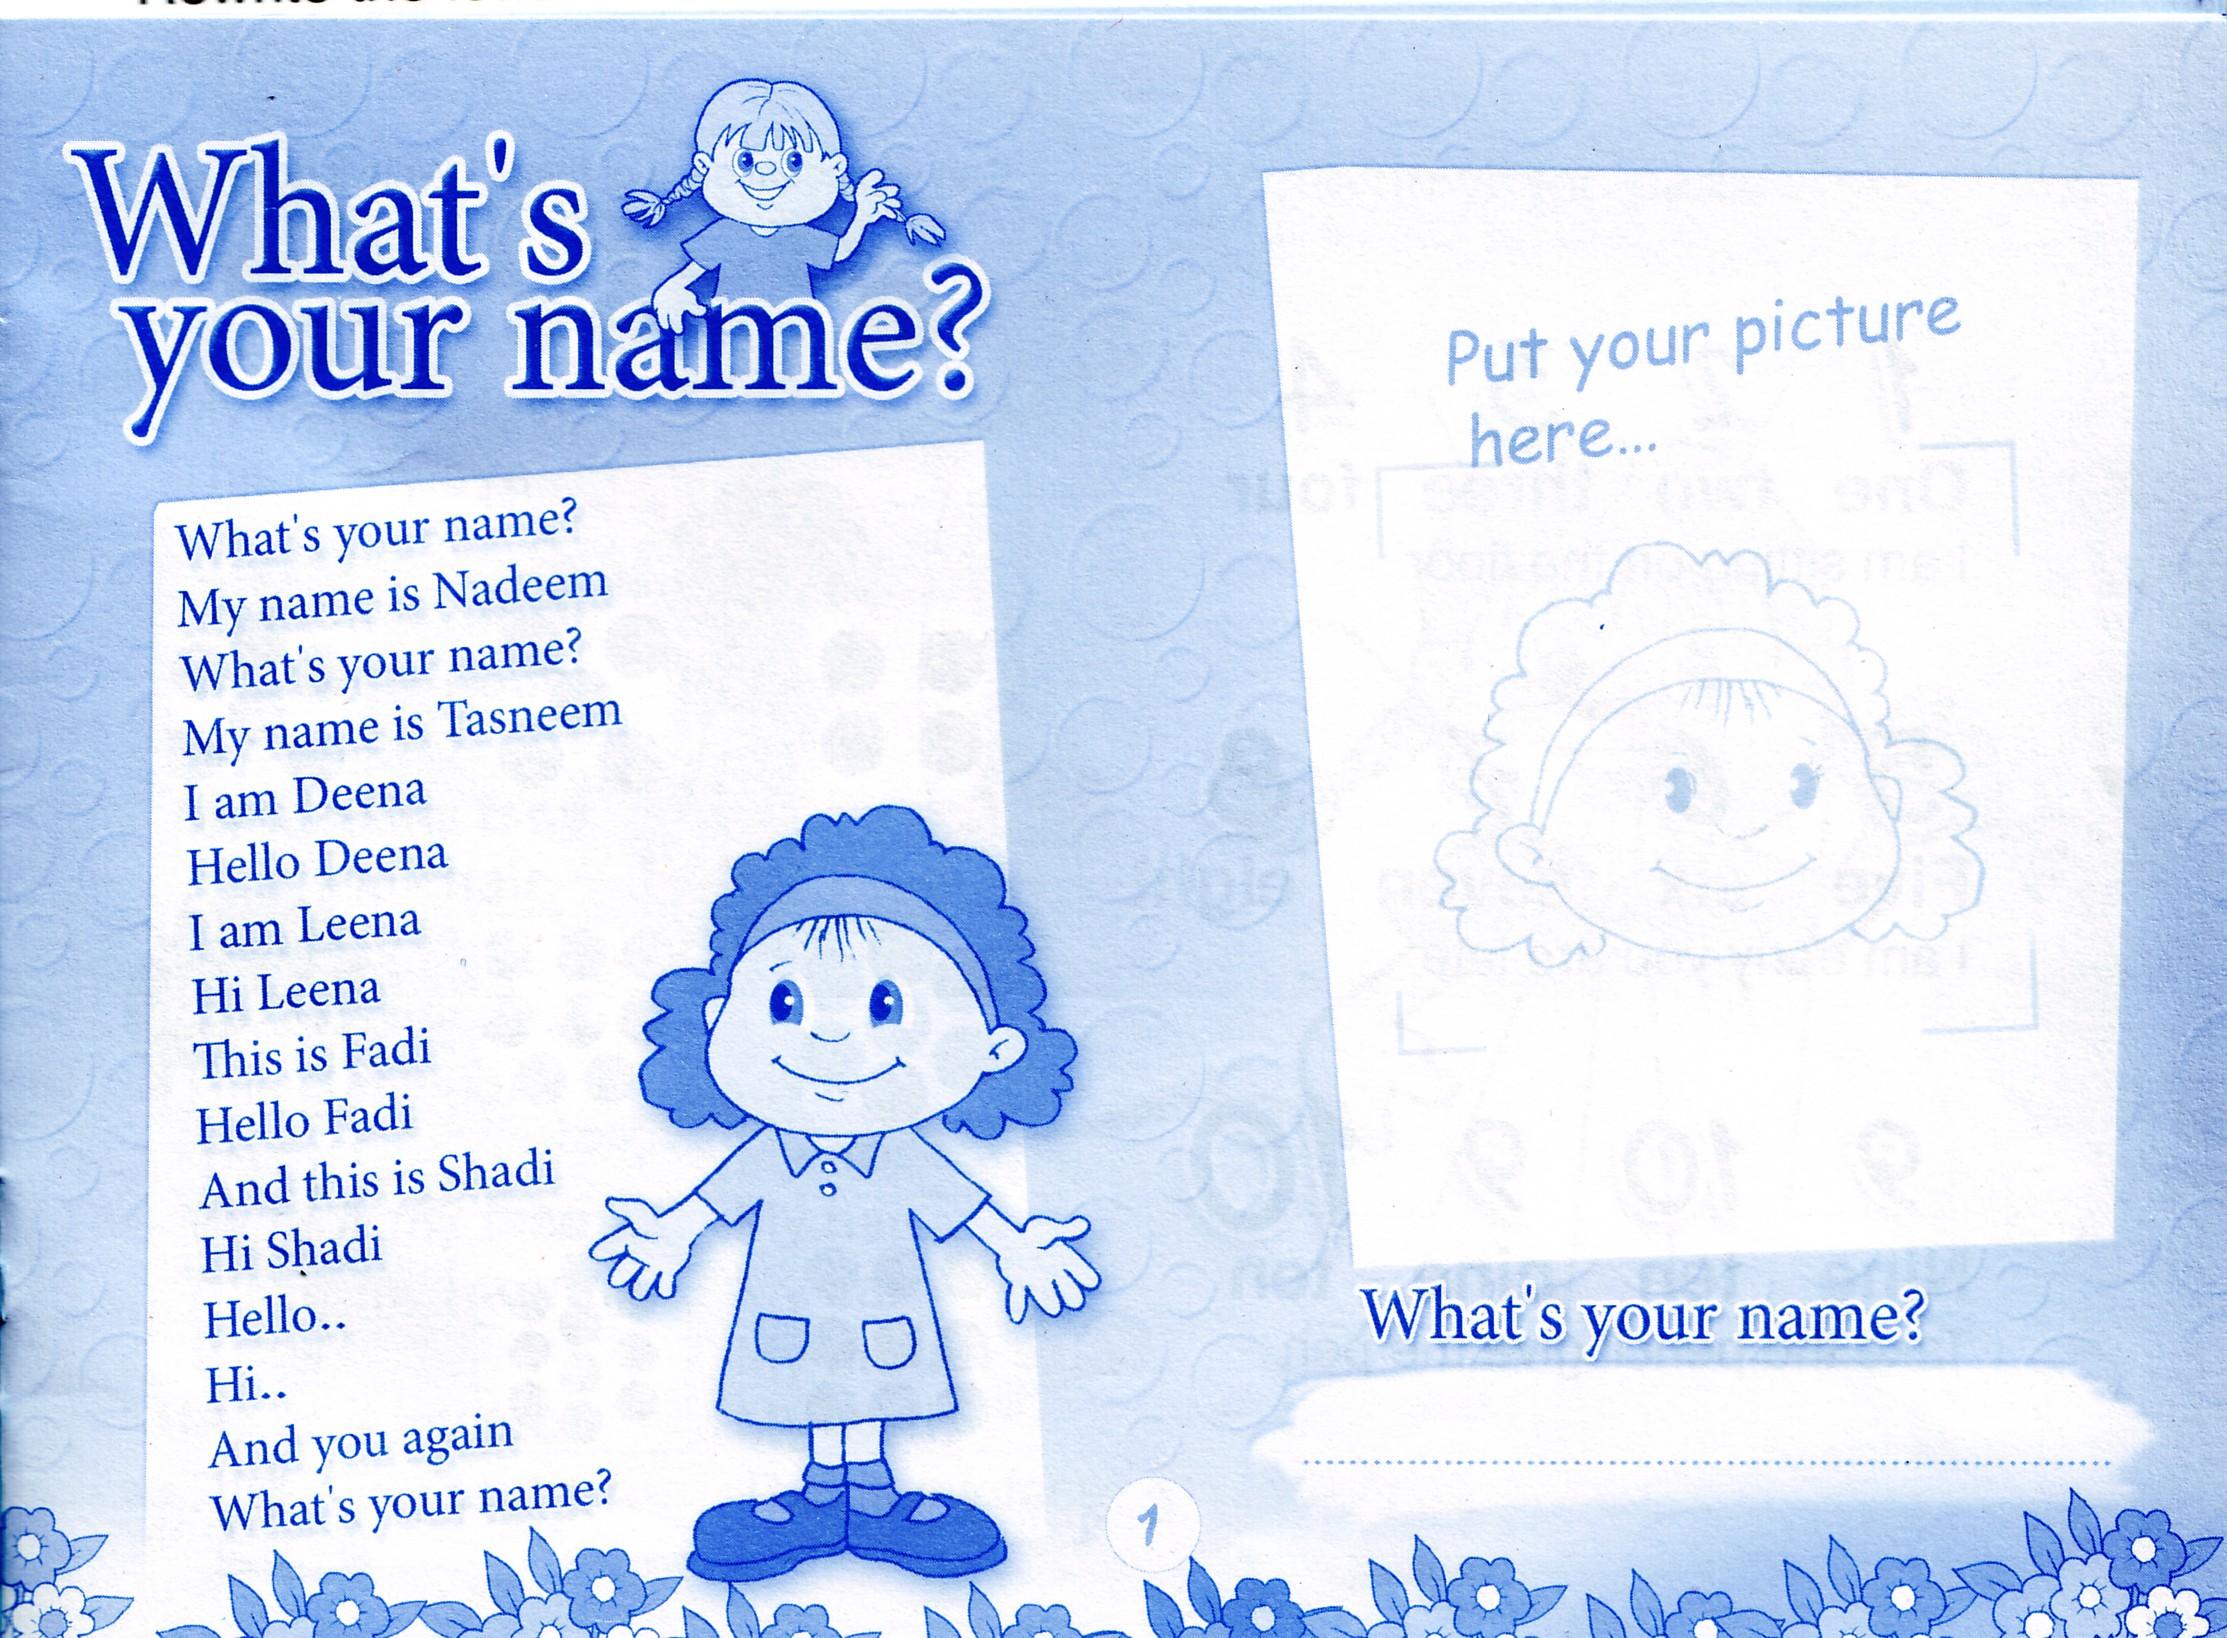 أناشيد باللغة الأنجليزية تعليمية - English songs for kids .. للأطفال 1234_01200088085